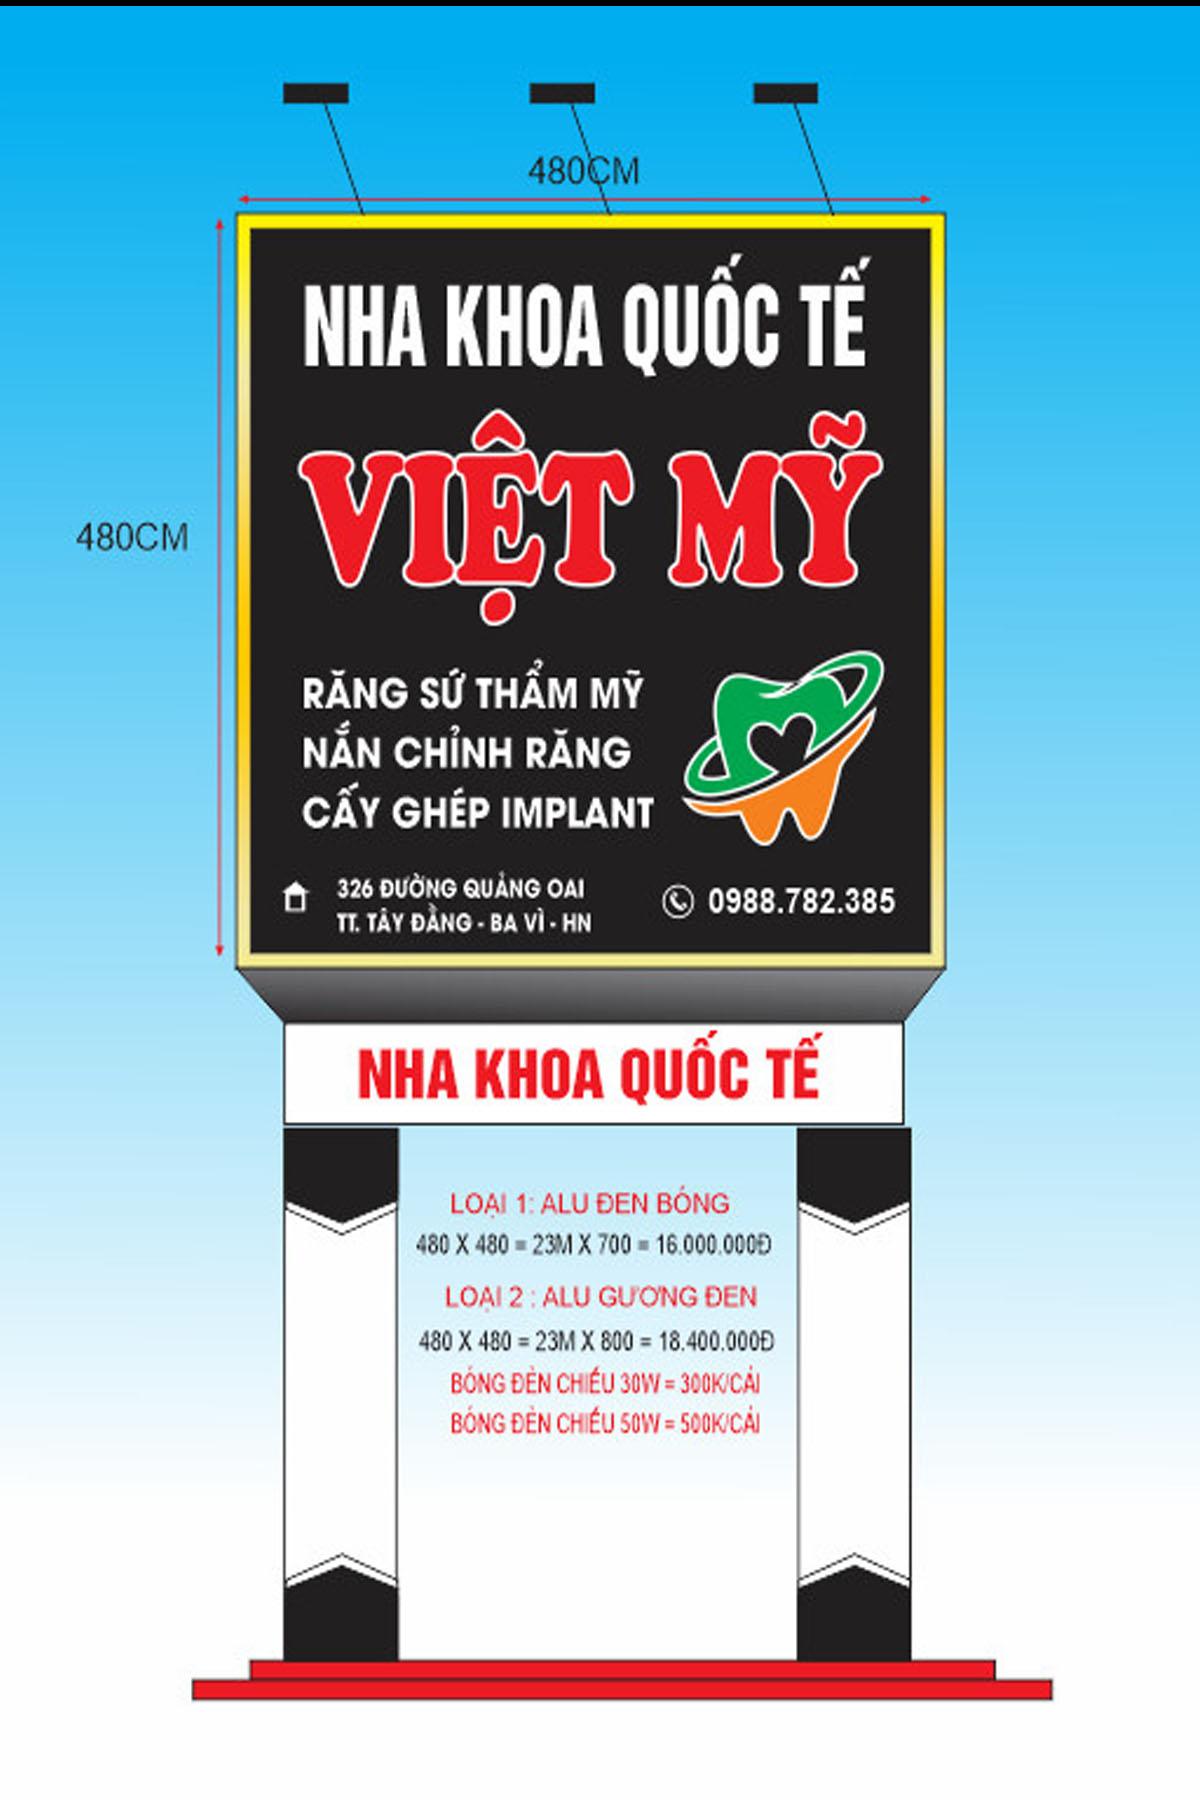 Mẫu biển bảng quảng cáo nha khoa